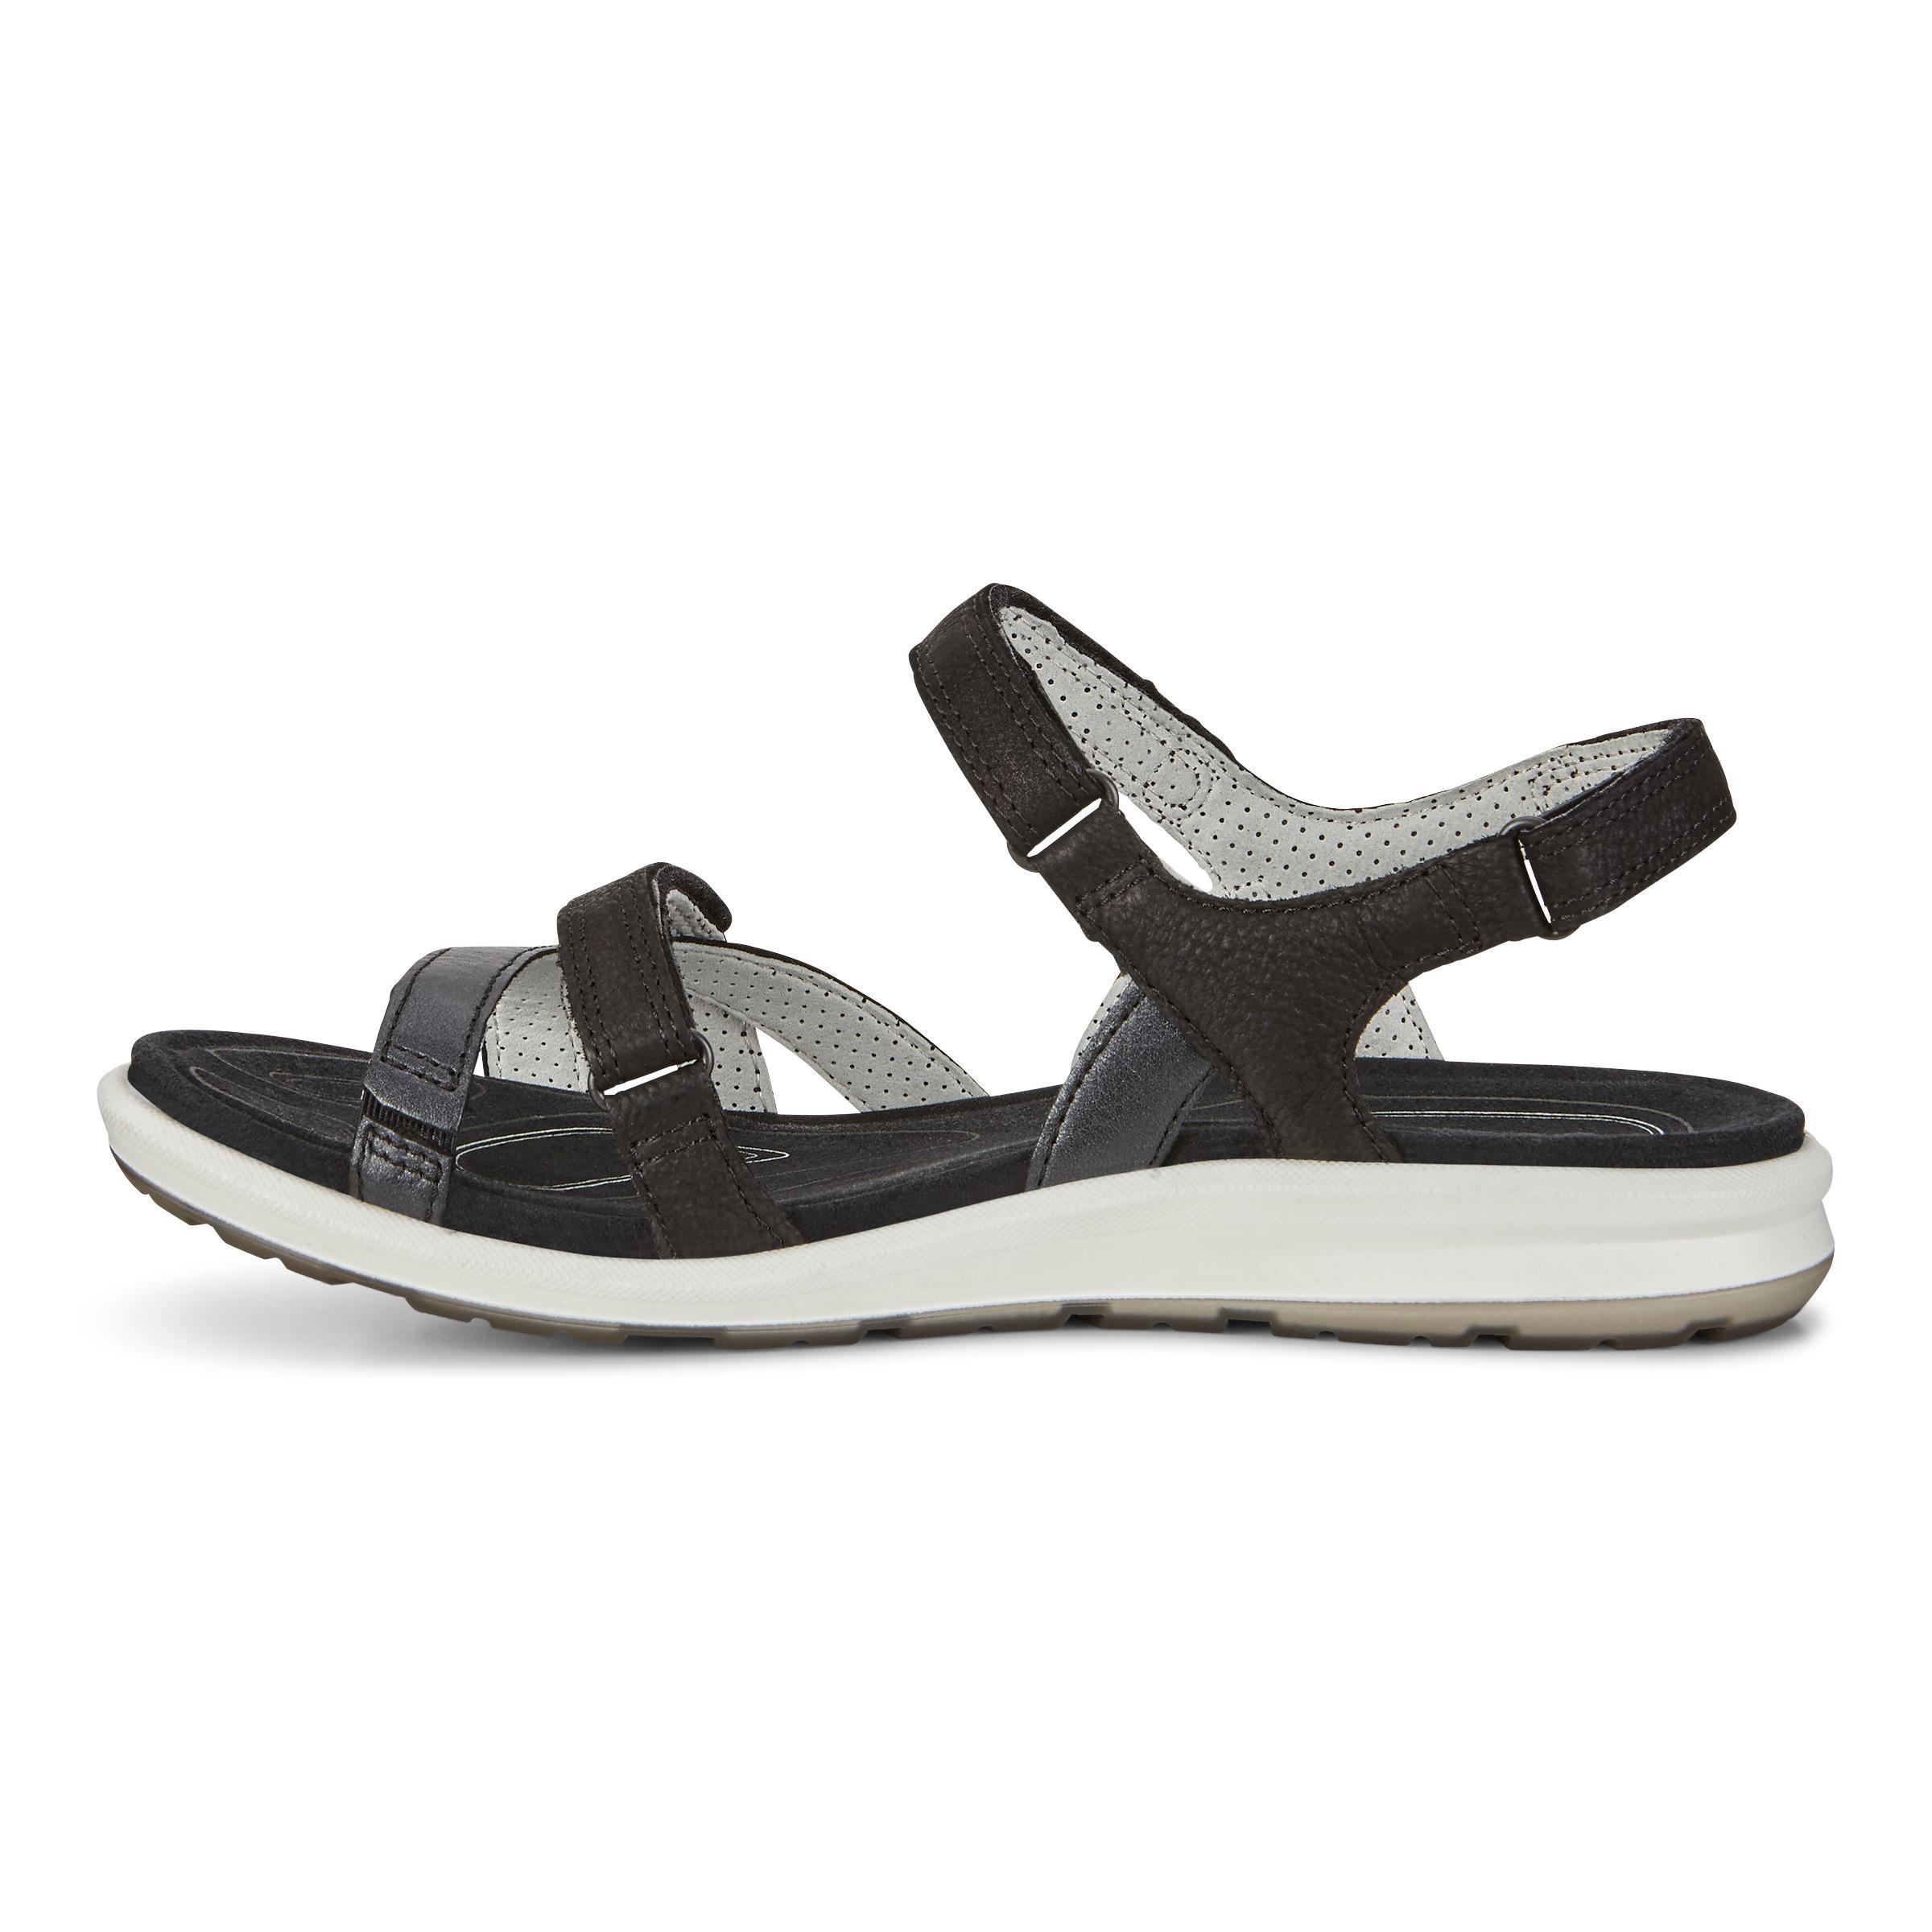 Ecco » Cruise Ii Komfort Sandalen« Sandale 821833_51707